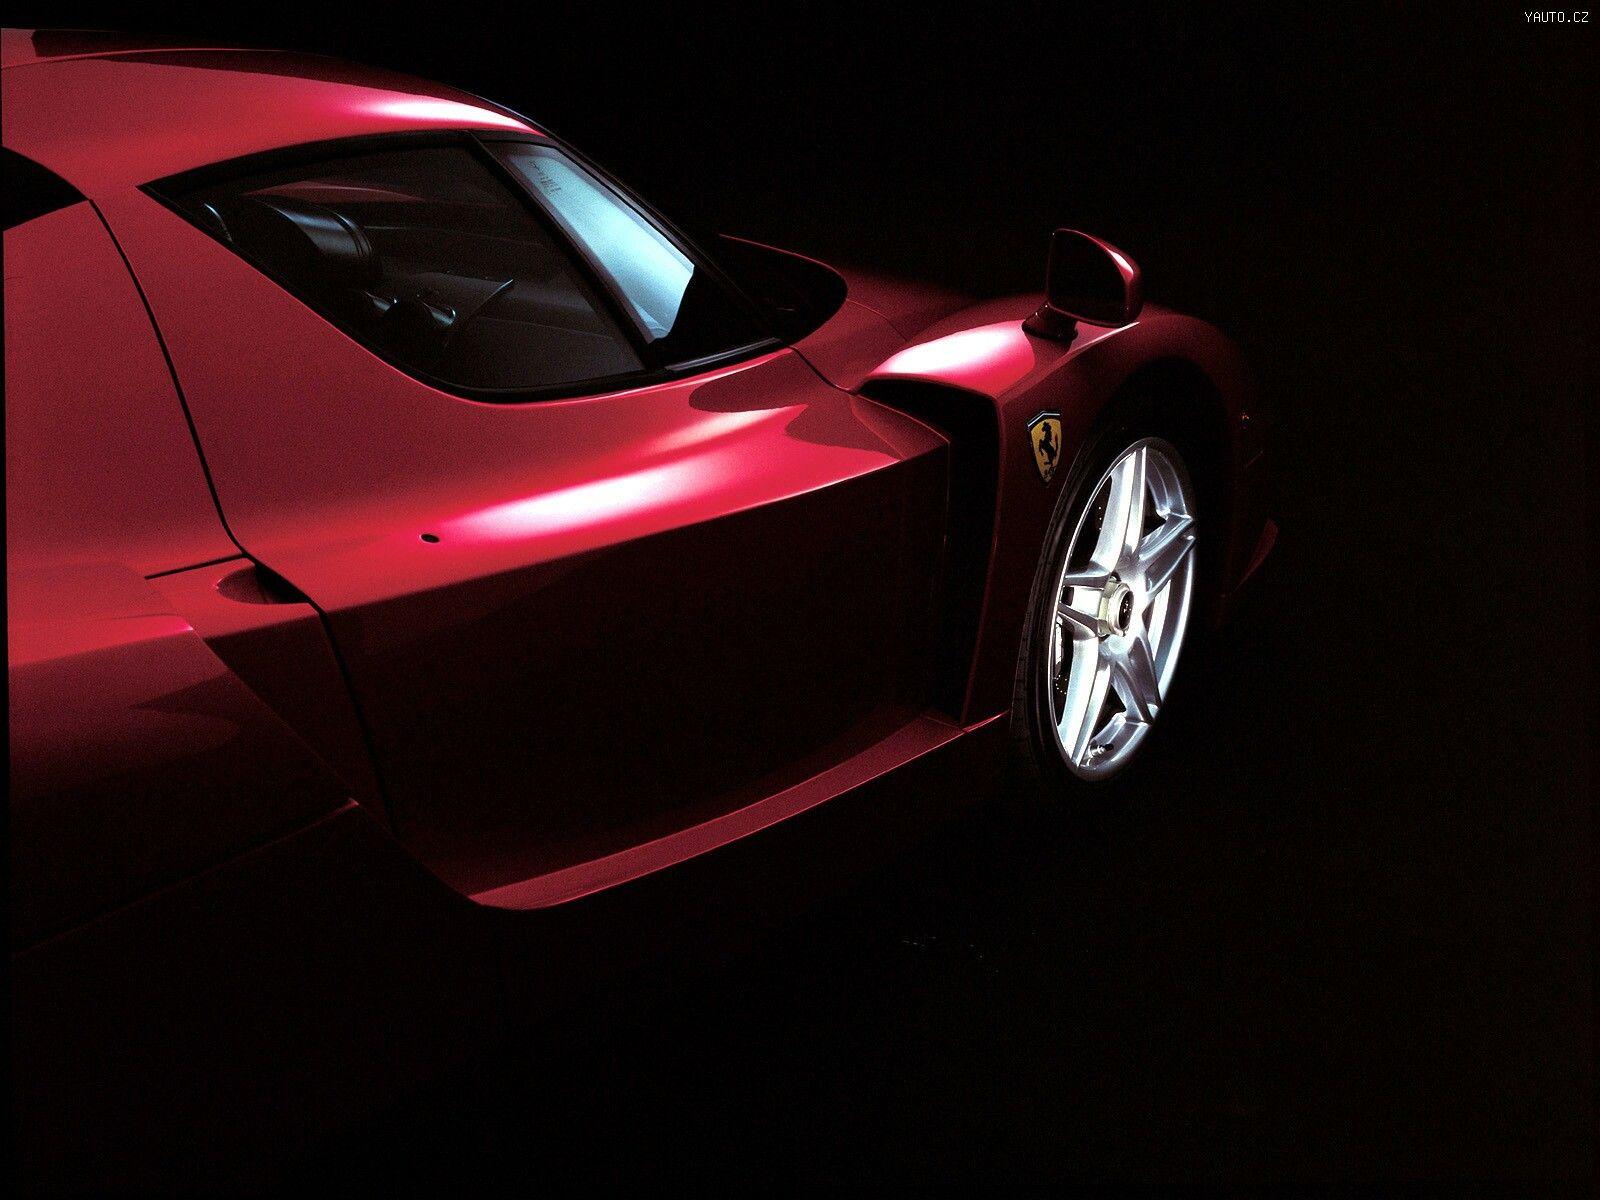 Черный спортивный автомобиль Ferrari Enzo  № 2892491 бесплатно